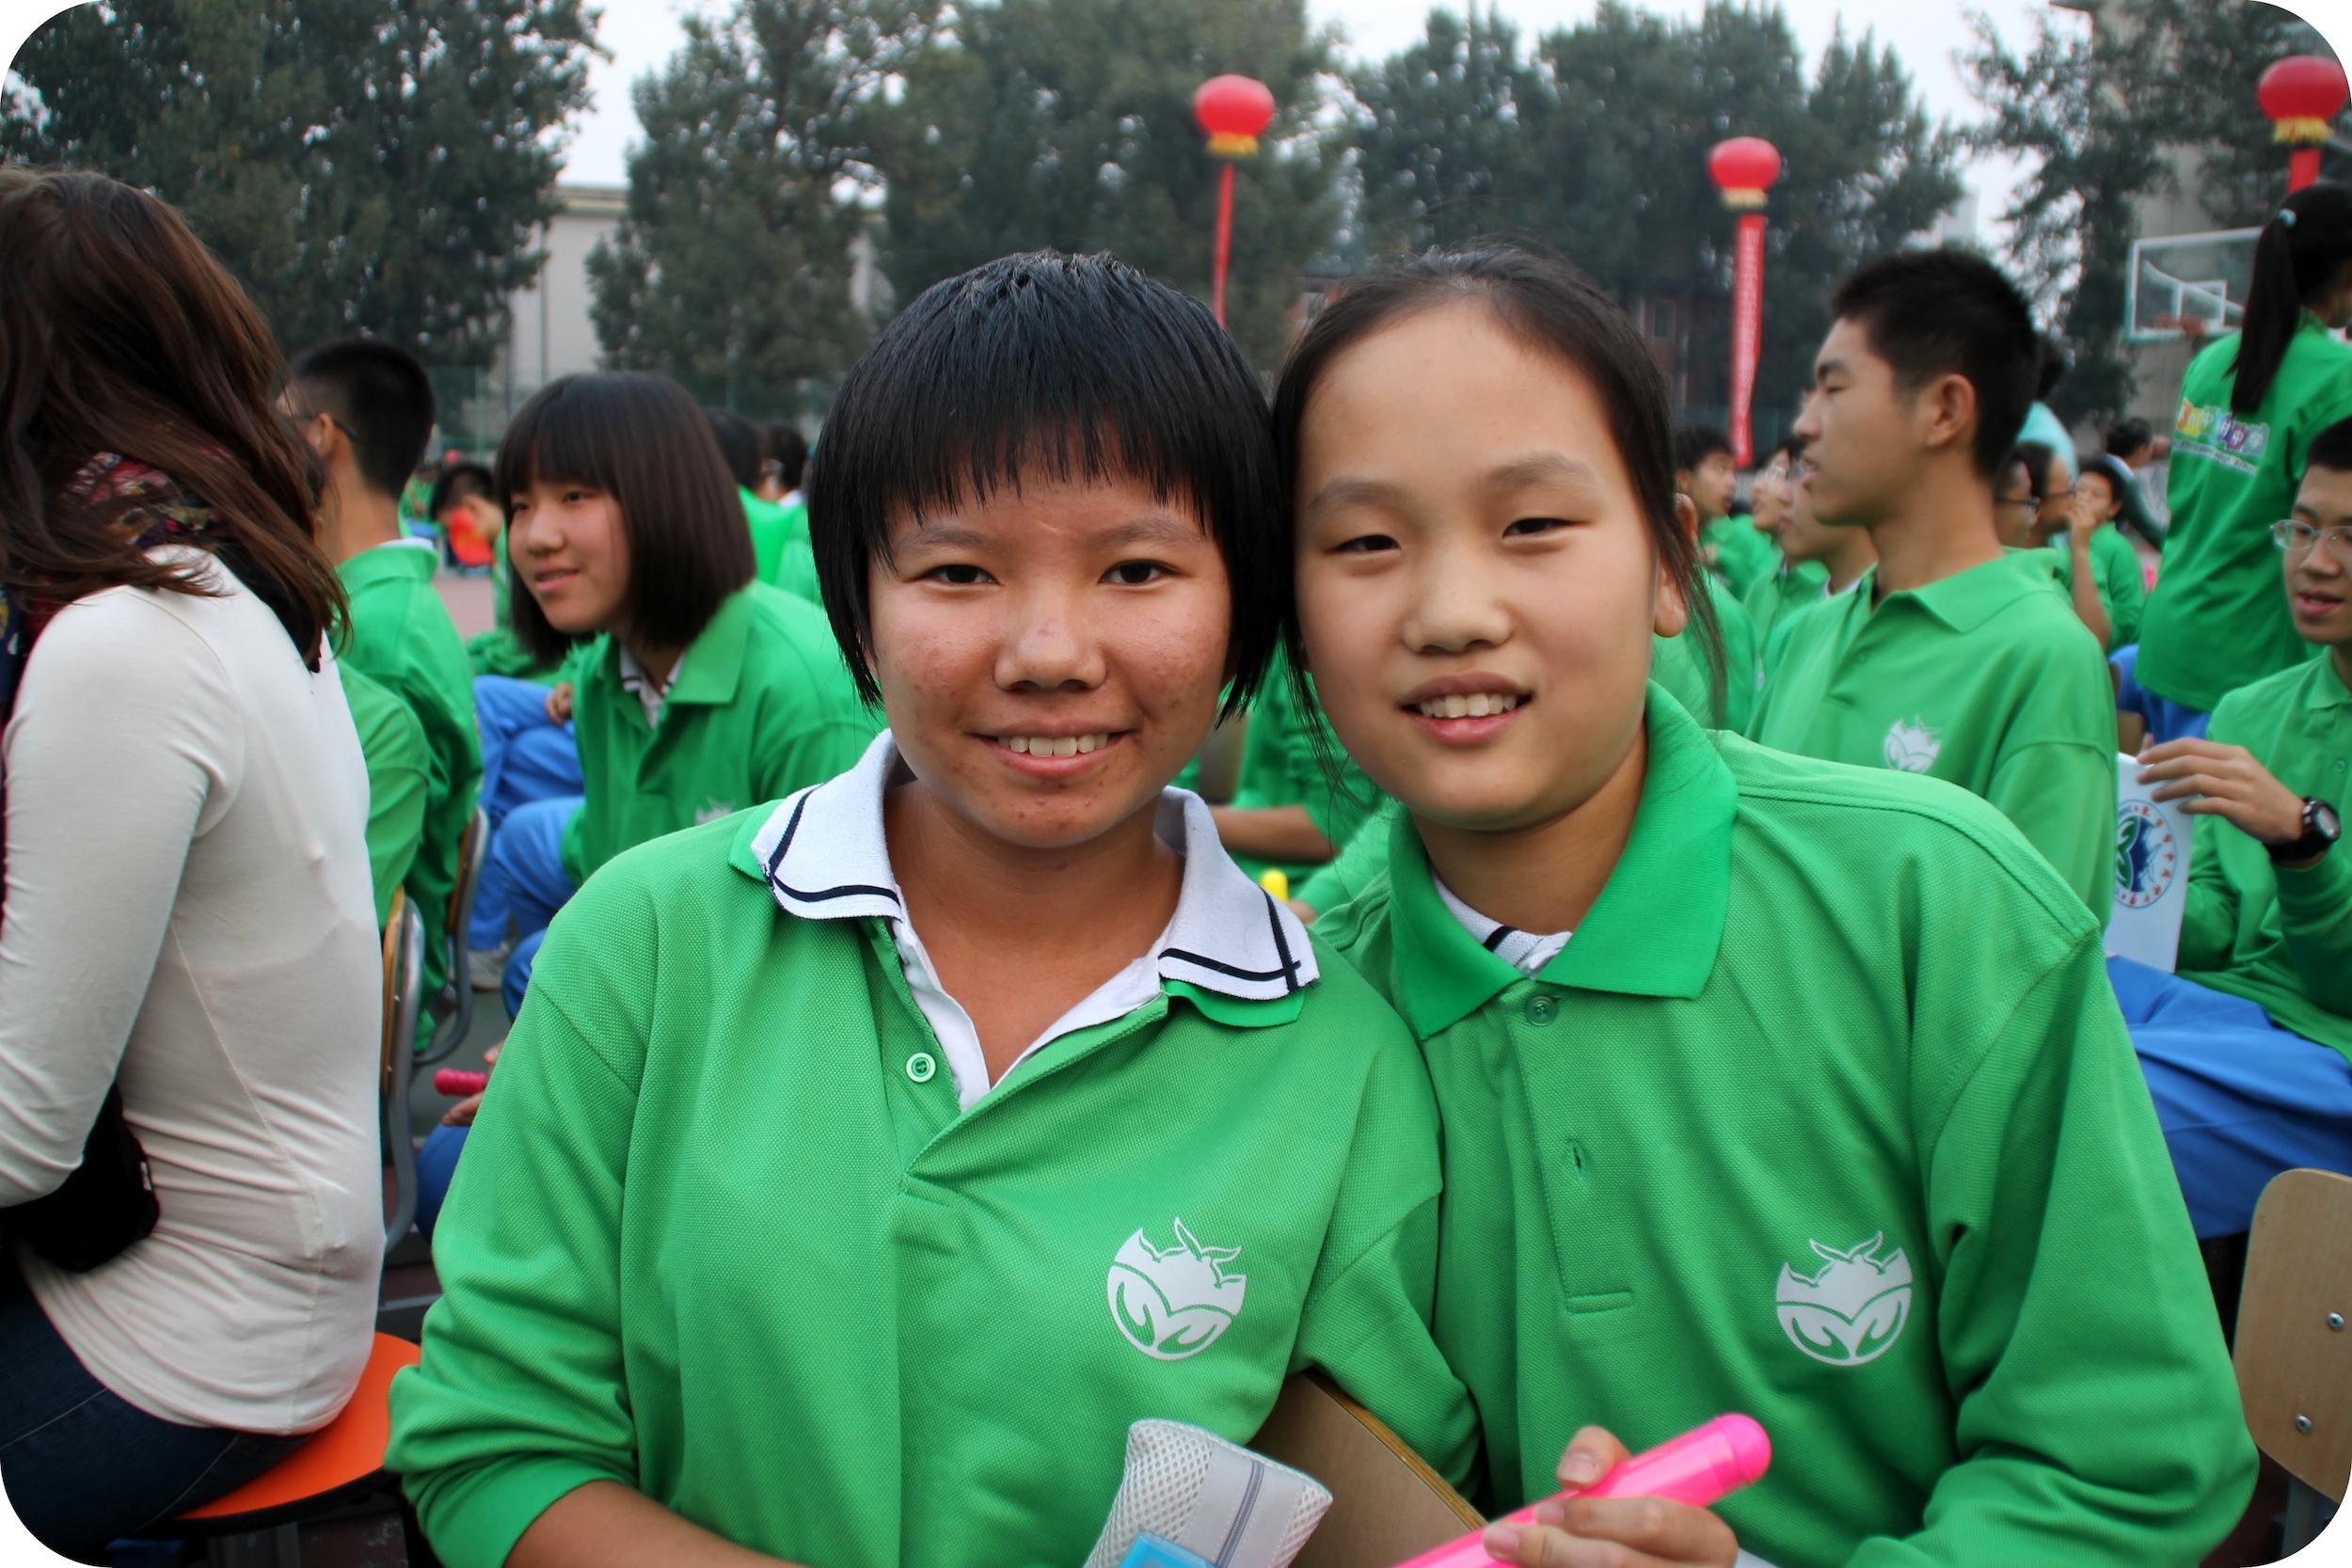 peking-koulu-juhla